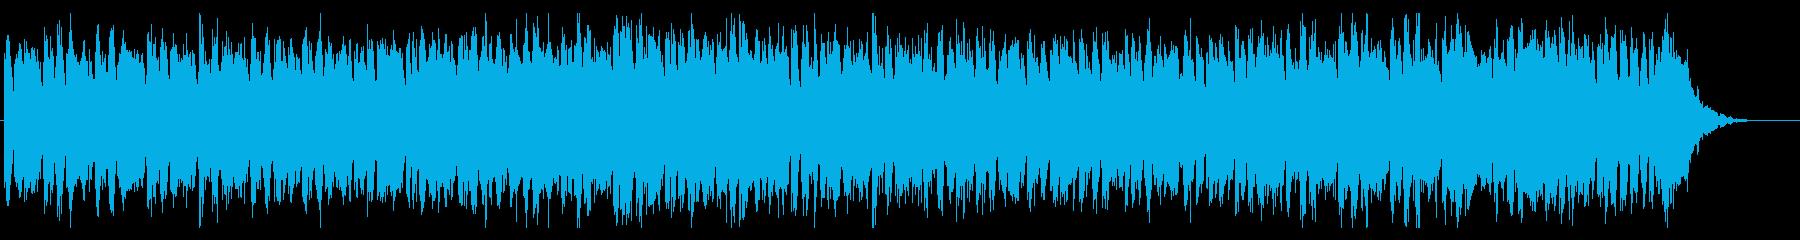 明るいシンプルなビートのEDMの再生済みの波形